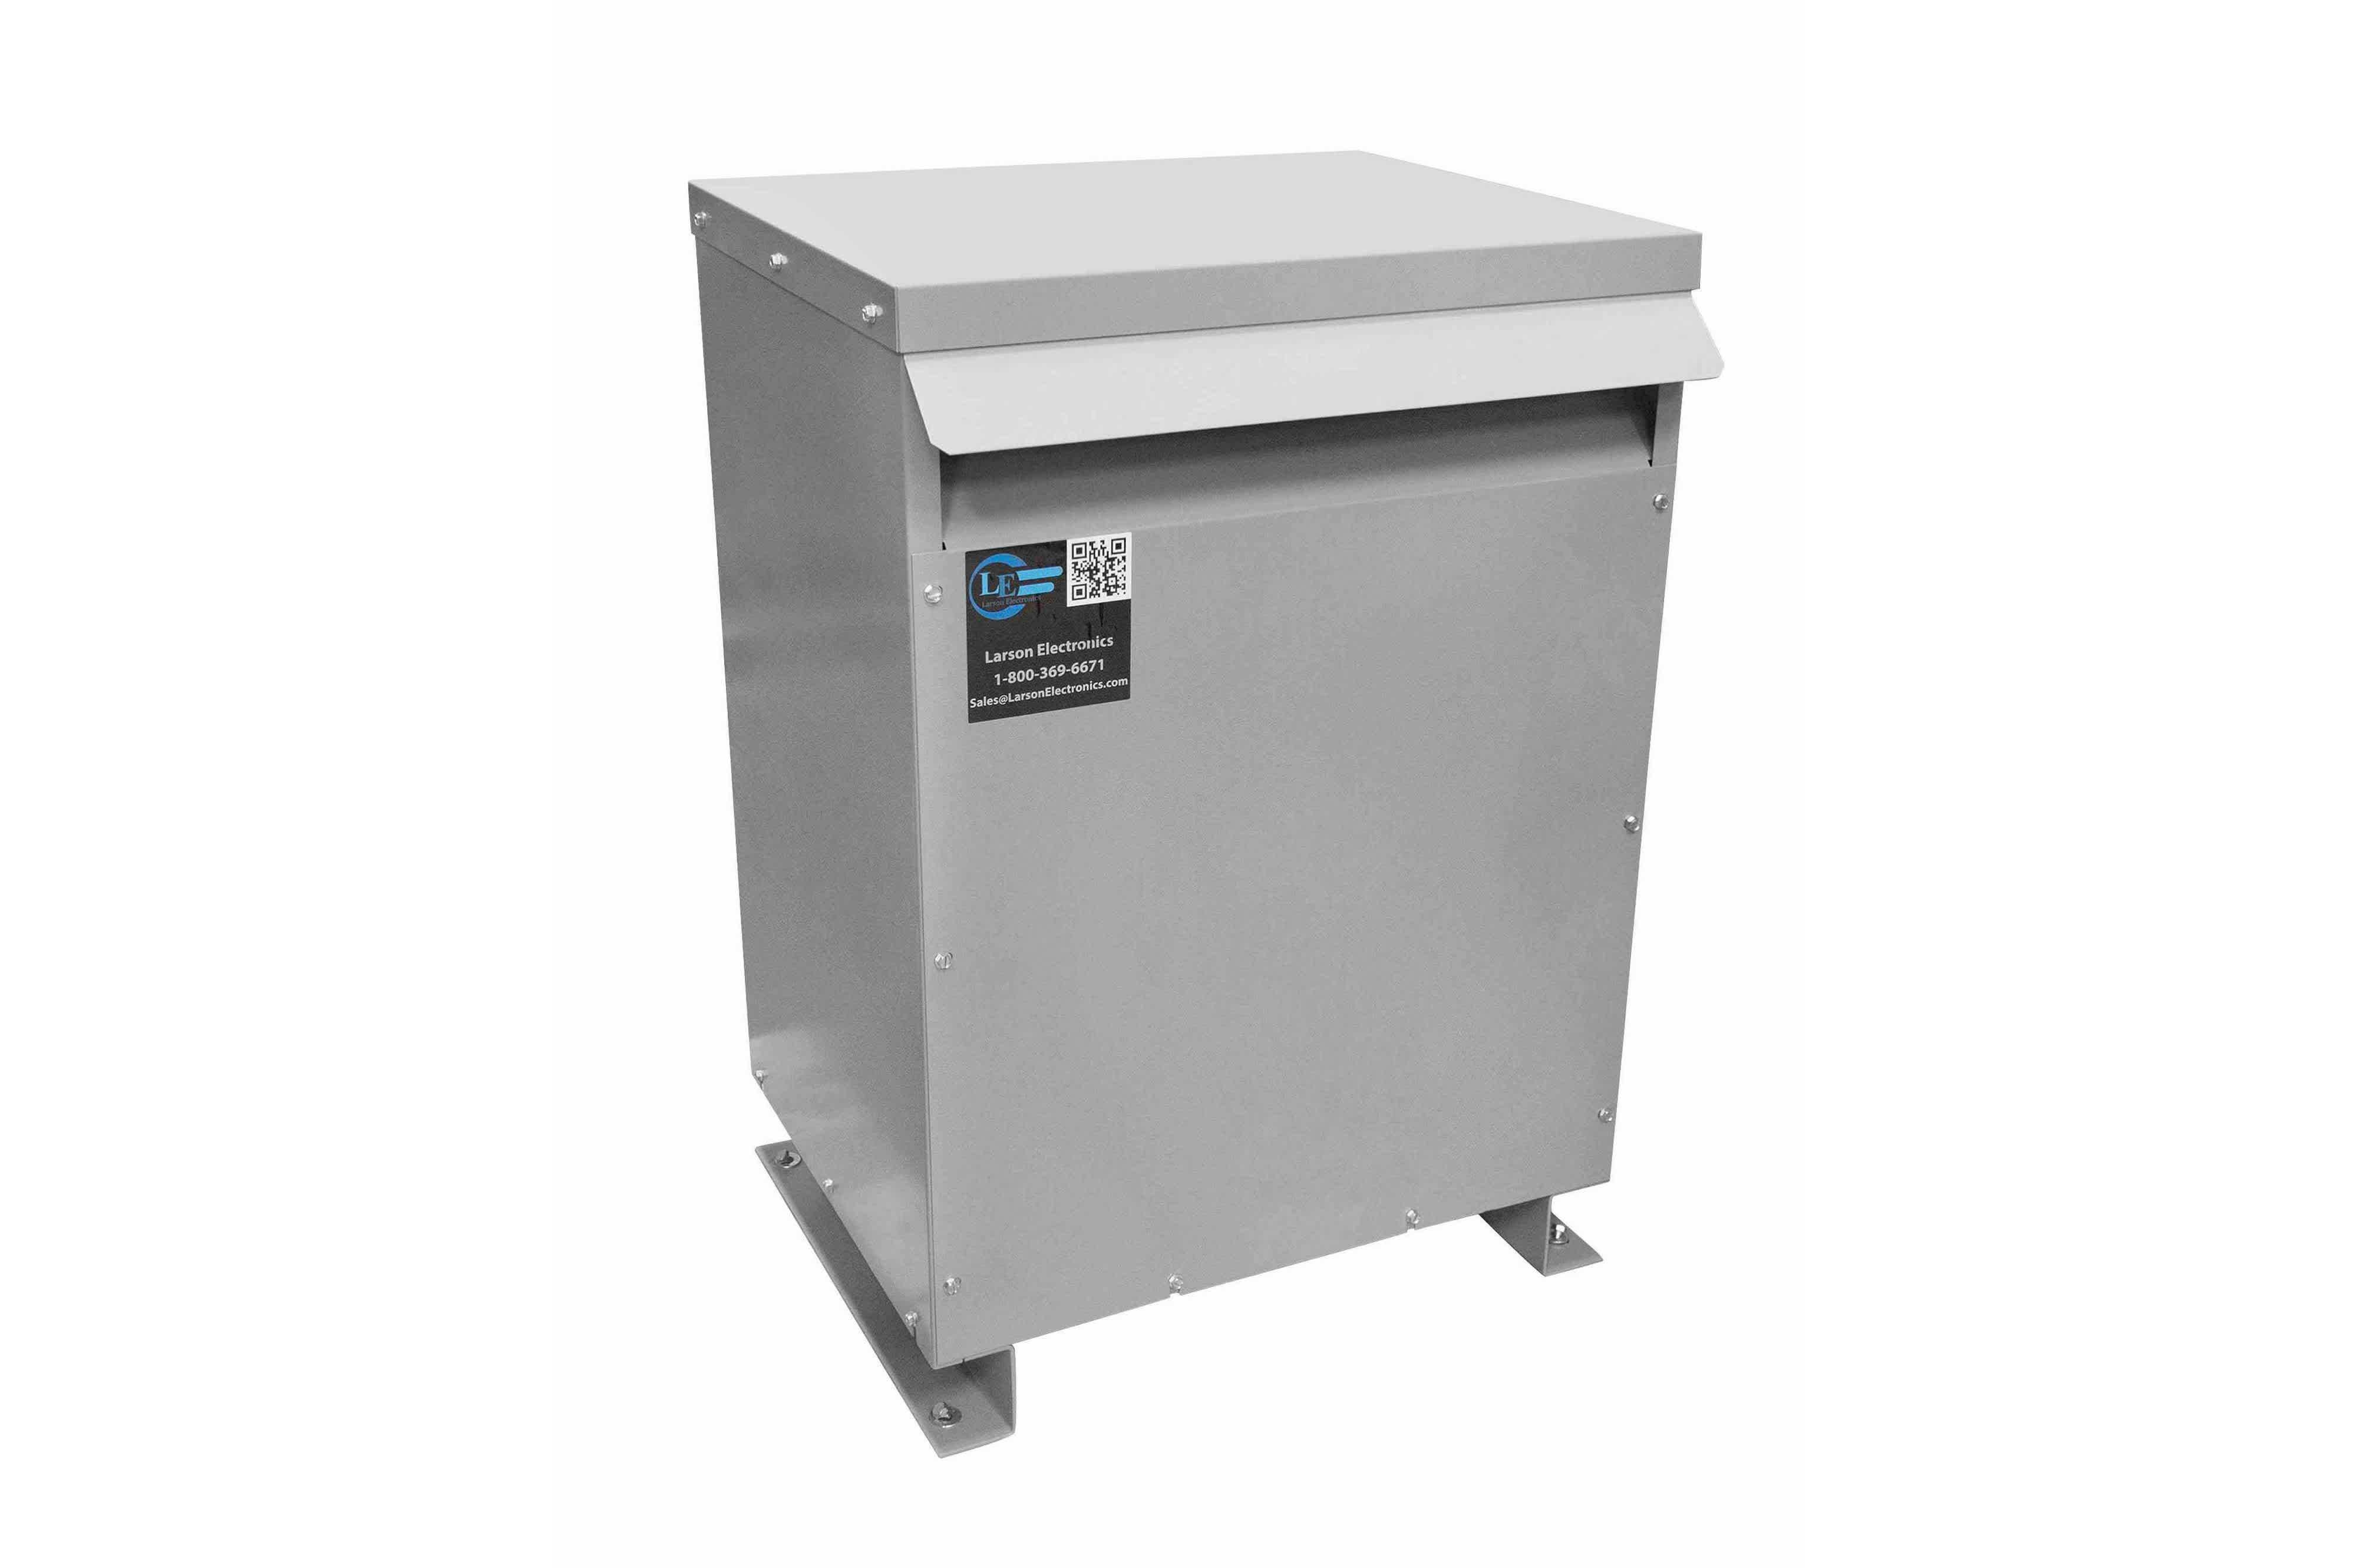 110 kVA 3PH Isolation Transformer, 575V Delta Primary, 208V Delta Secondary, N3R, Ventilated, 60 Hz